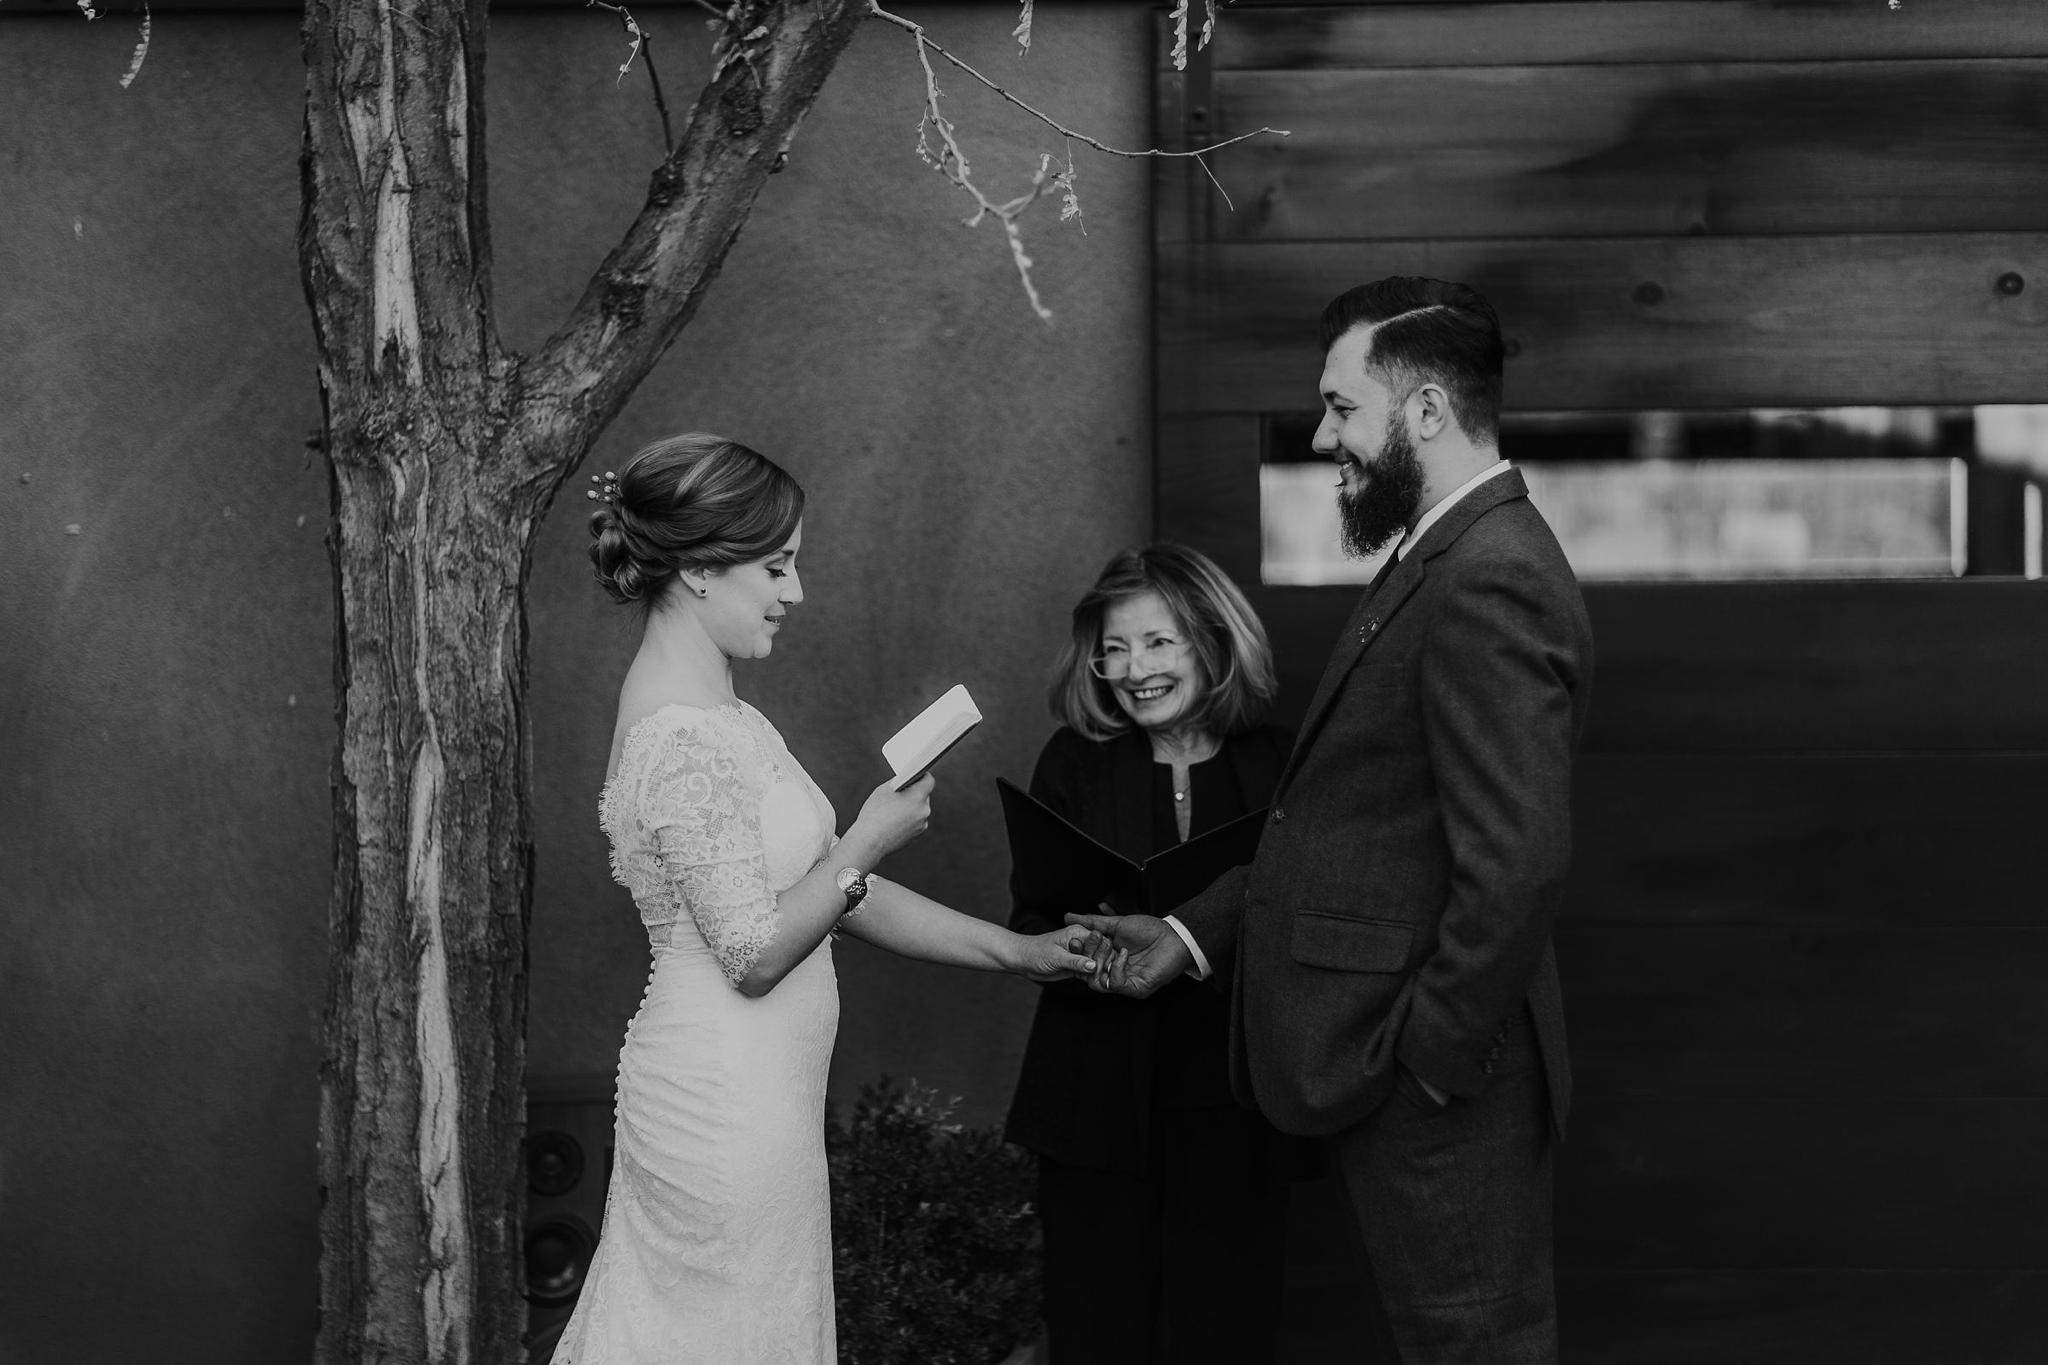 Alicia+lucia+photography+-+albuquerque+wedding+photographer+-+santa+fe+wedding+photography+-+new+mexico+wedding+photographer+-+new+mexico+wedding+-+wedding+vows+-+writing+your+own+vows+-+wedding+inspo_0017.jpg